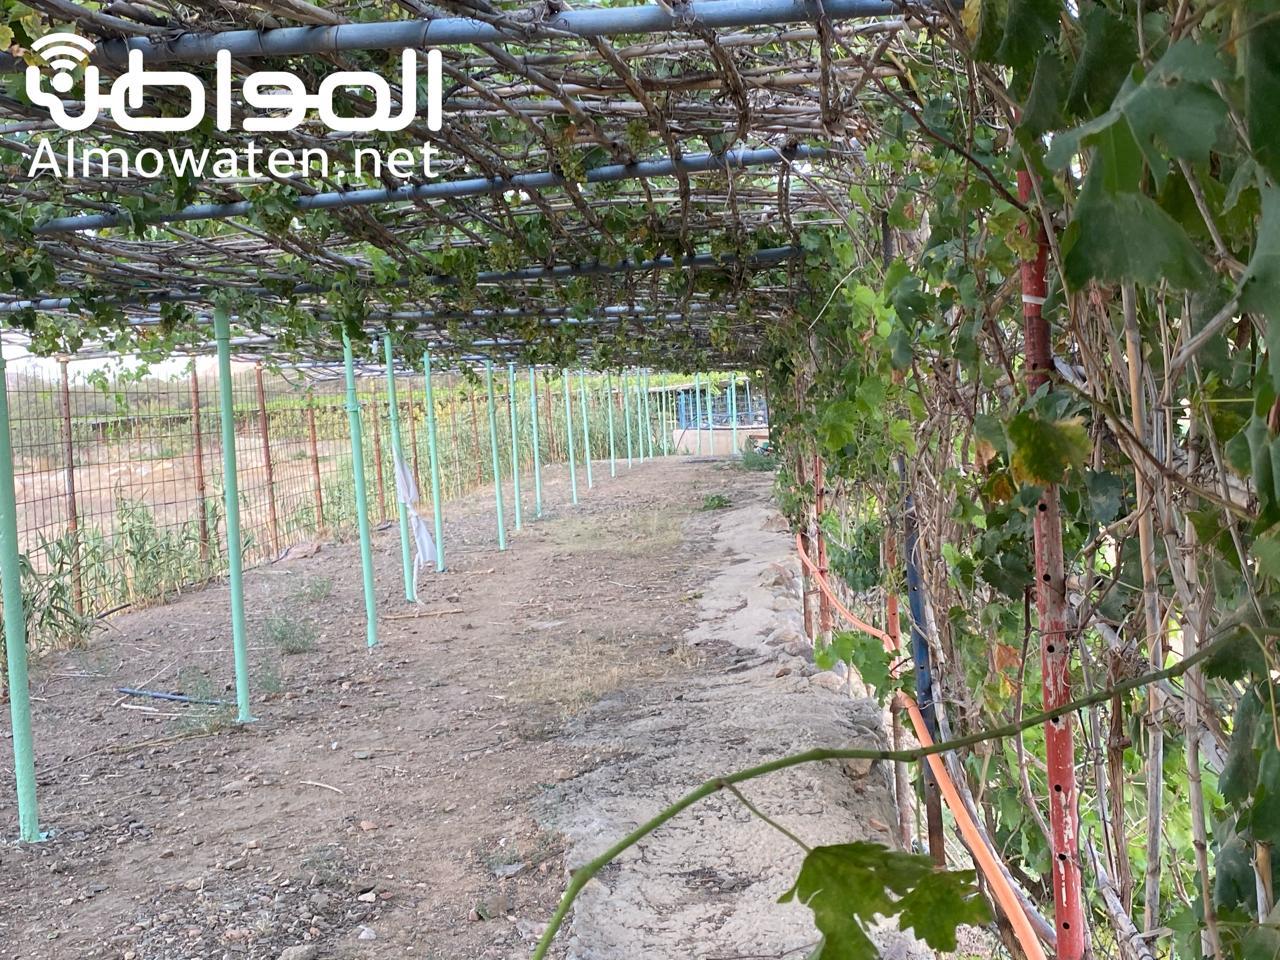 بيوت تراثية ومزارع متنوعة في مزرعة بن شابل الريفية